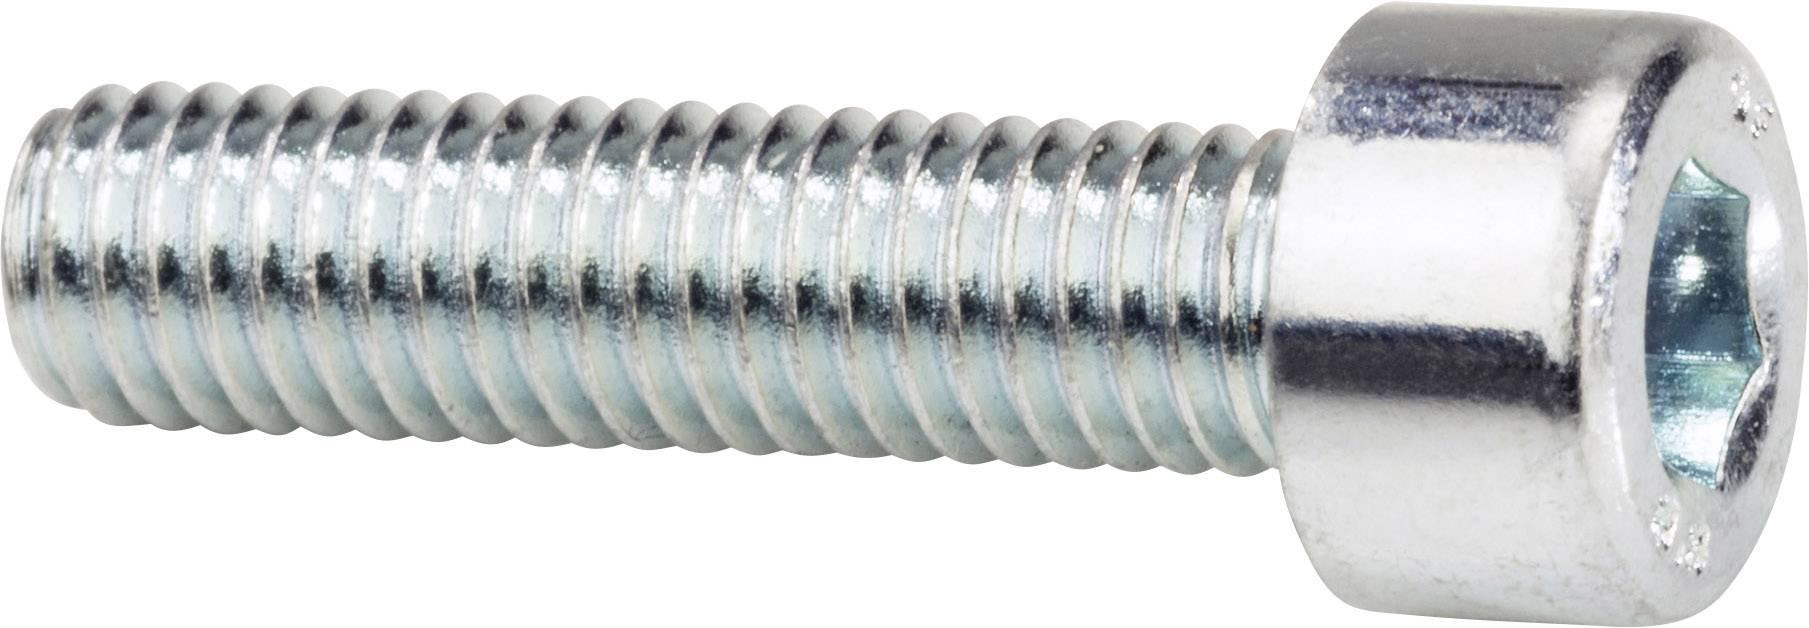 Šrouby s válcovou hlavou. 912, 6x16 100 ks